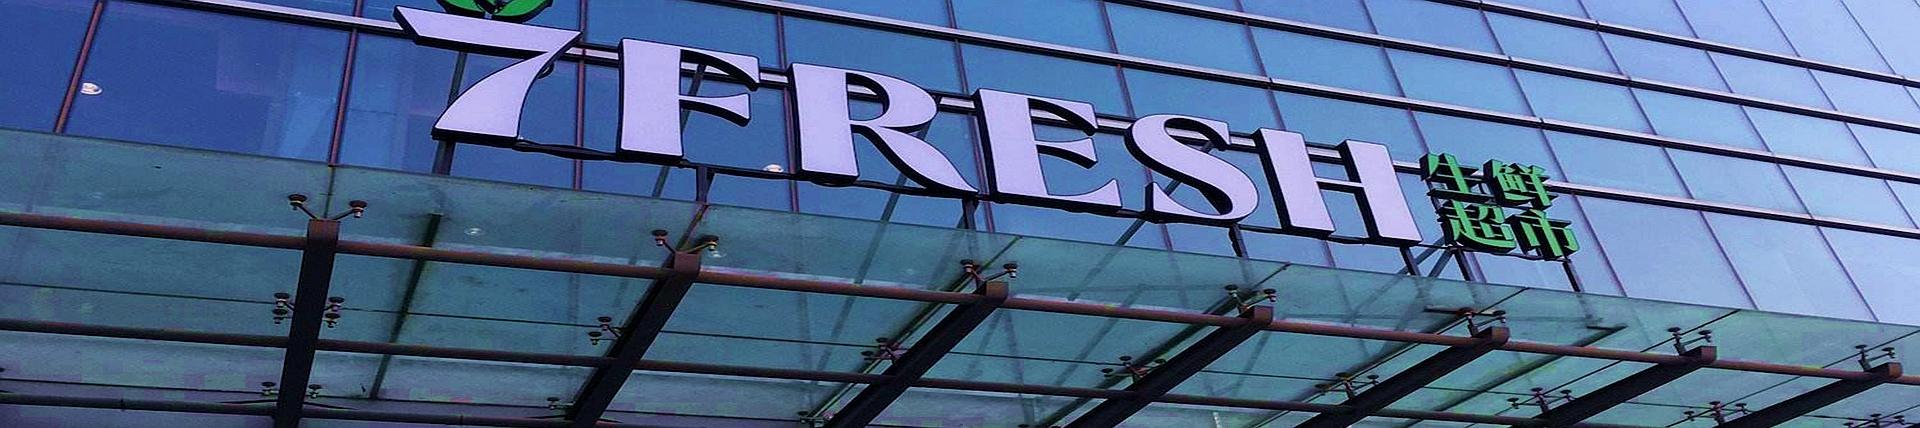 京東7Fresh正式啟用品牌域名,生鮮零售頭部玩家這方面誰玩得溜?